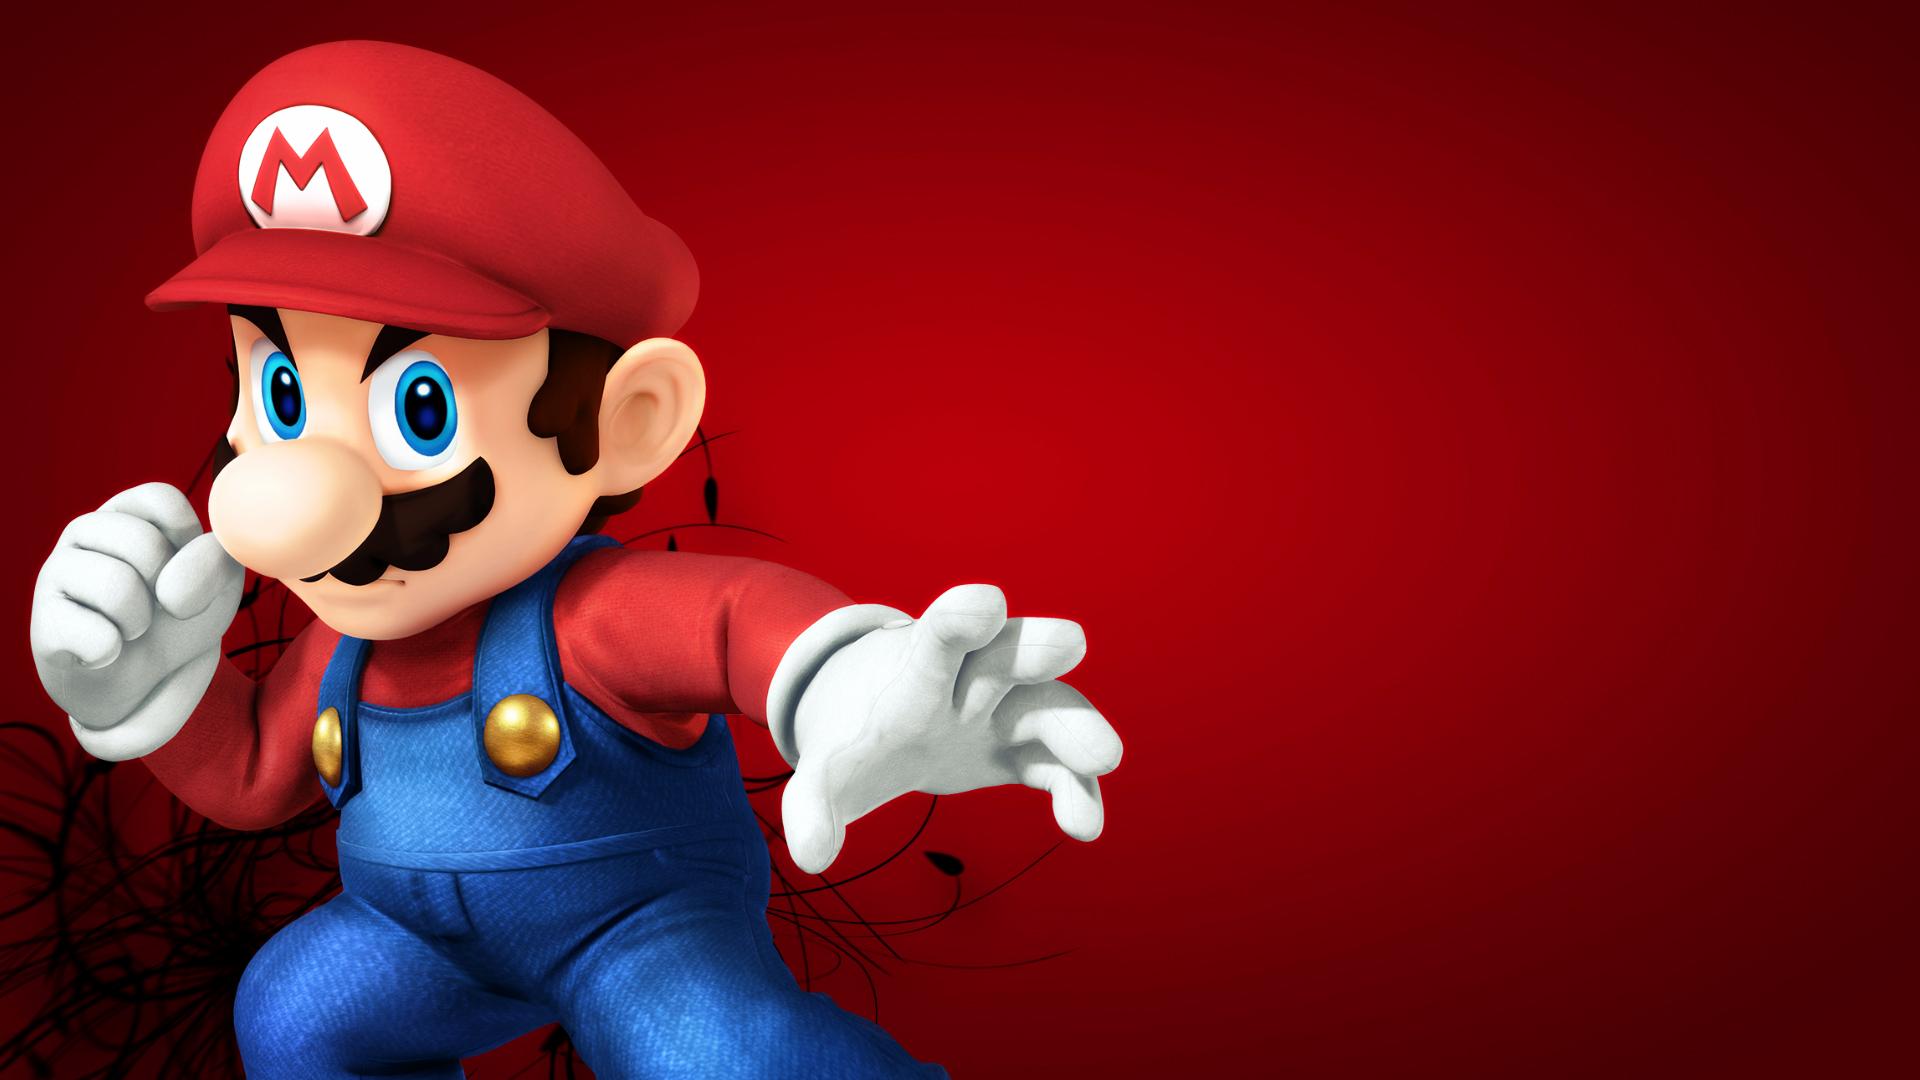 Super Smash Brother U Mario Wallpaper By Nolan989890 On